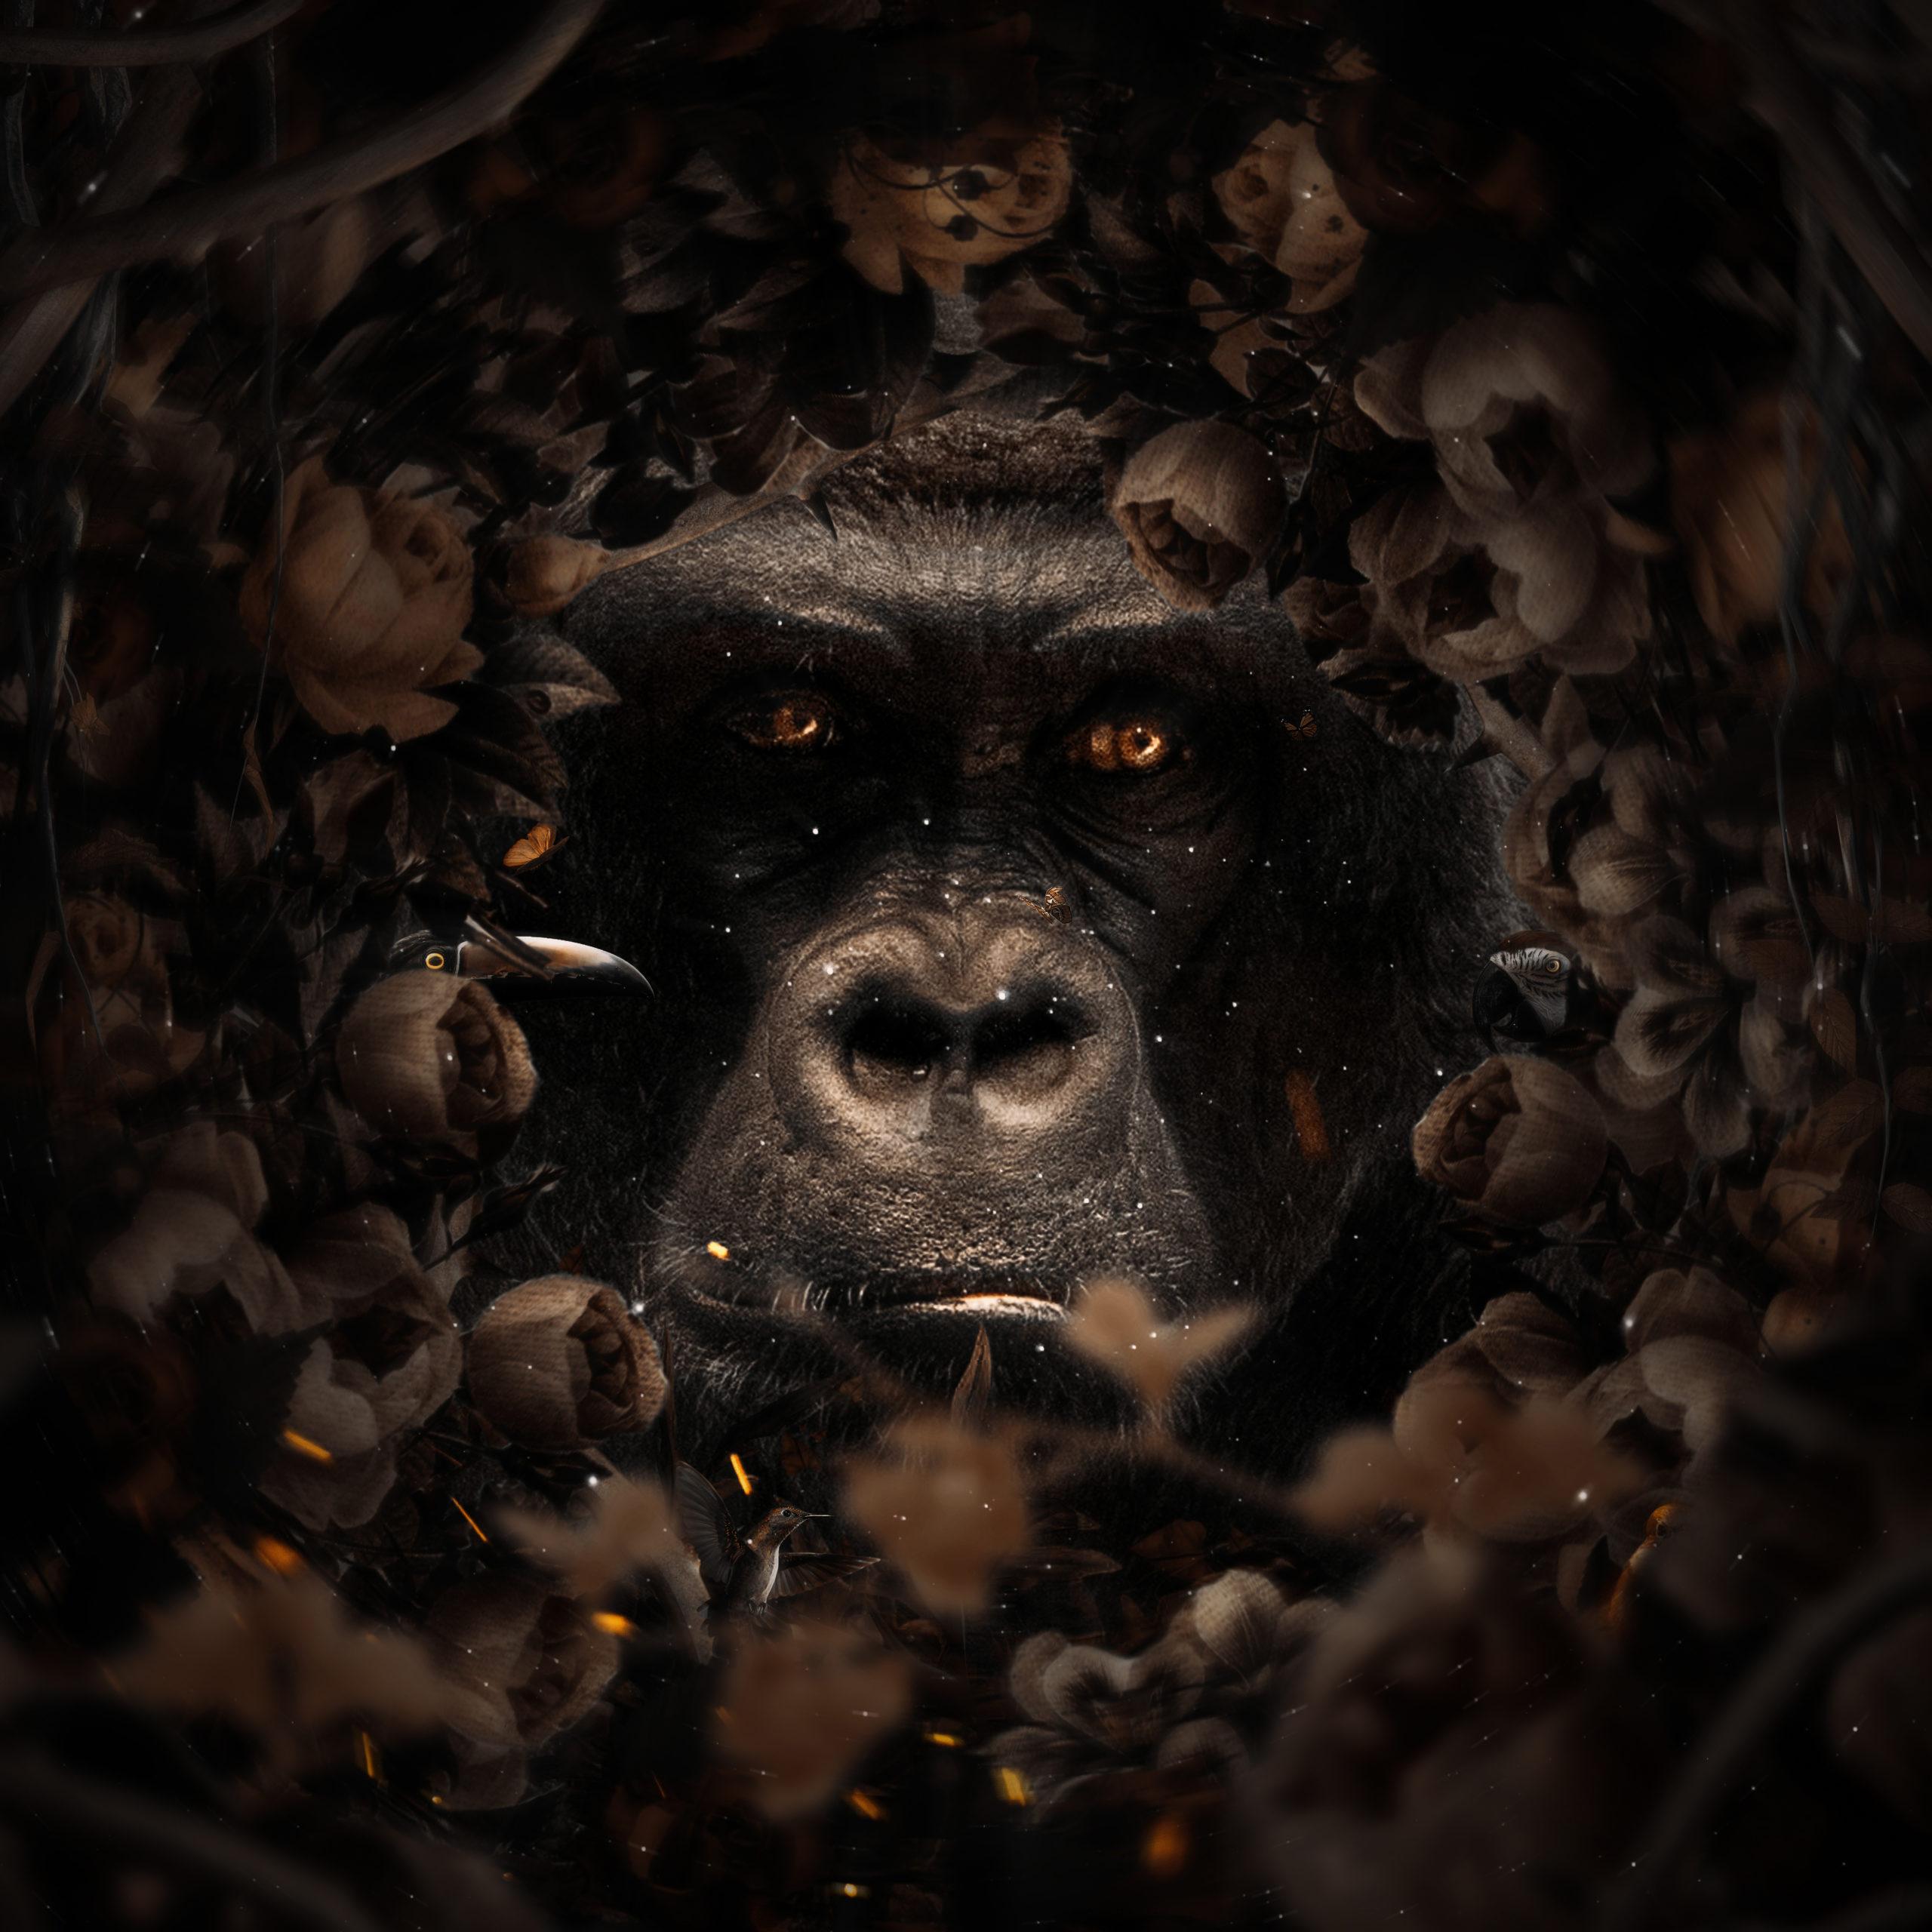 Floral Gorilla surreal digital wall art prints